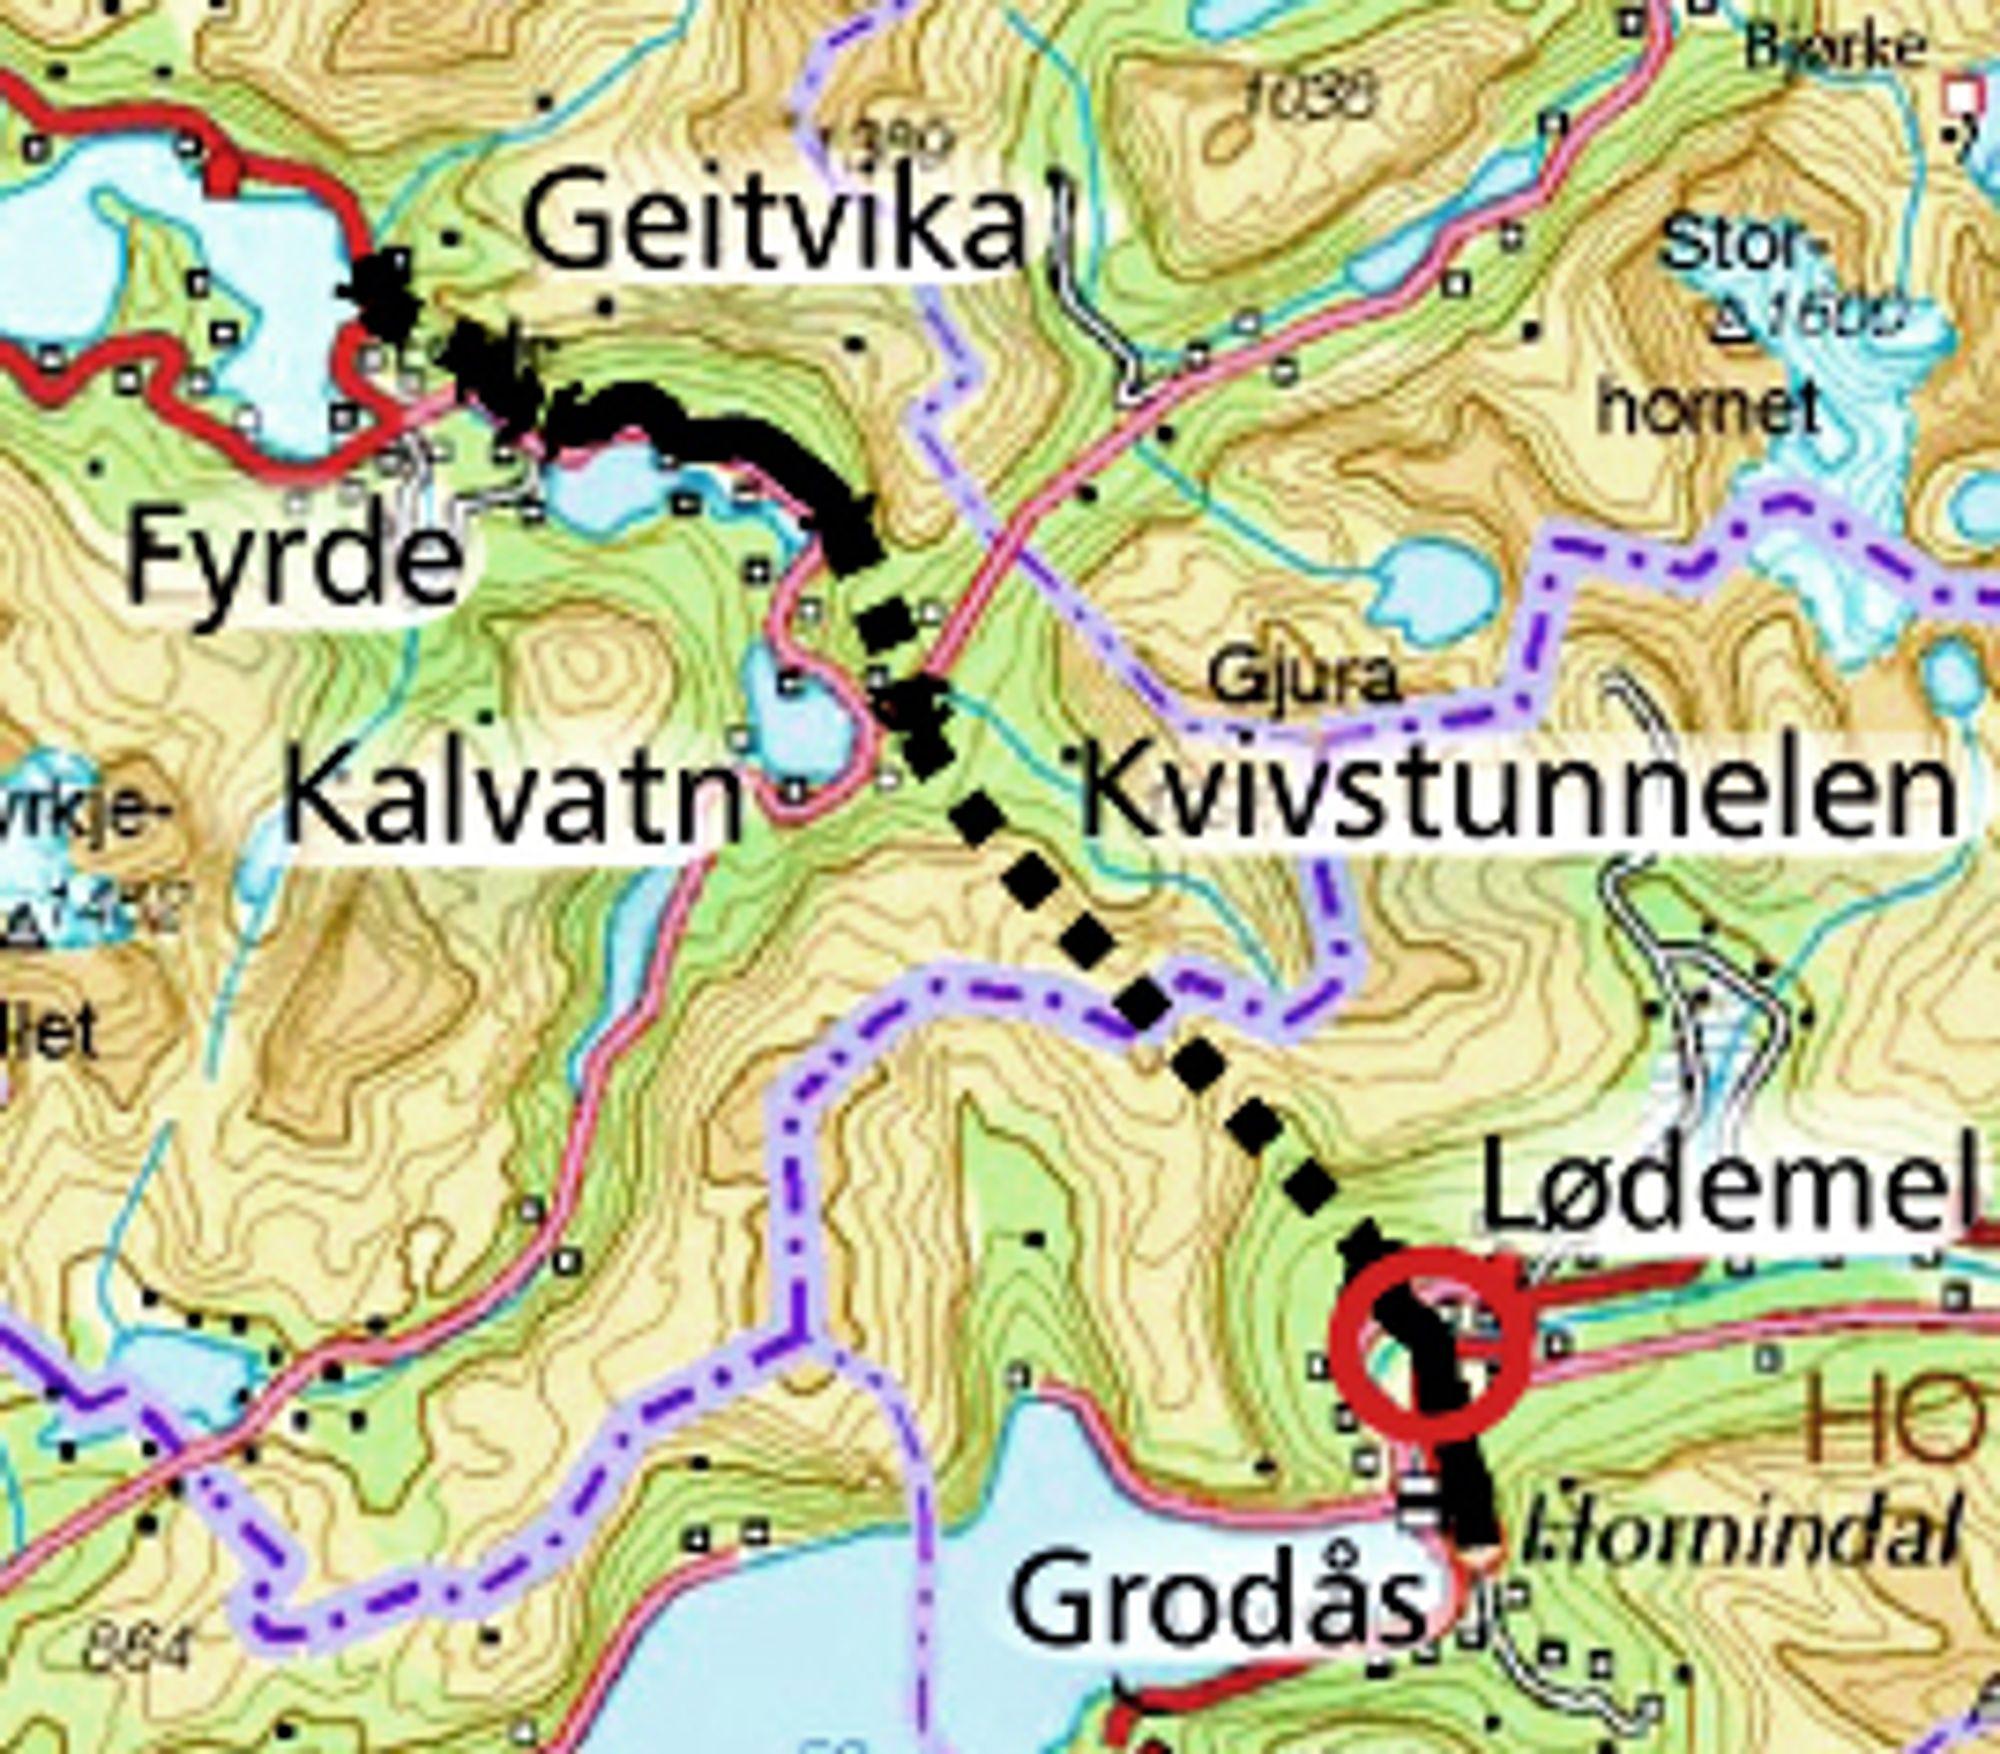 Den røde ringen nedenfor Kvivstunnelen markerer stedet der brua over Storelva skal bygges. ECO Bygg ligger godt an til å få den jobben.